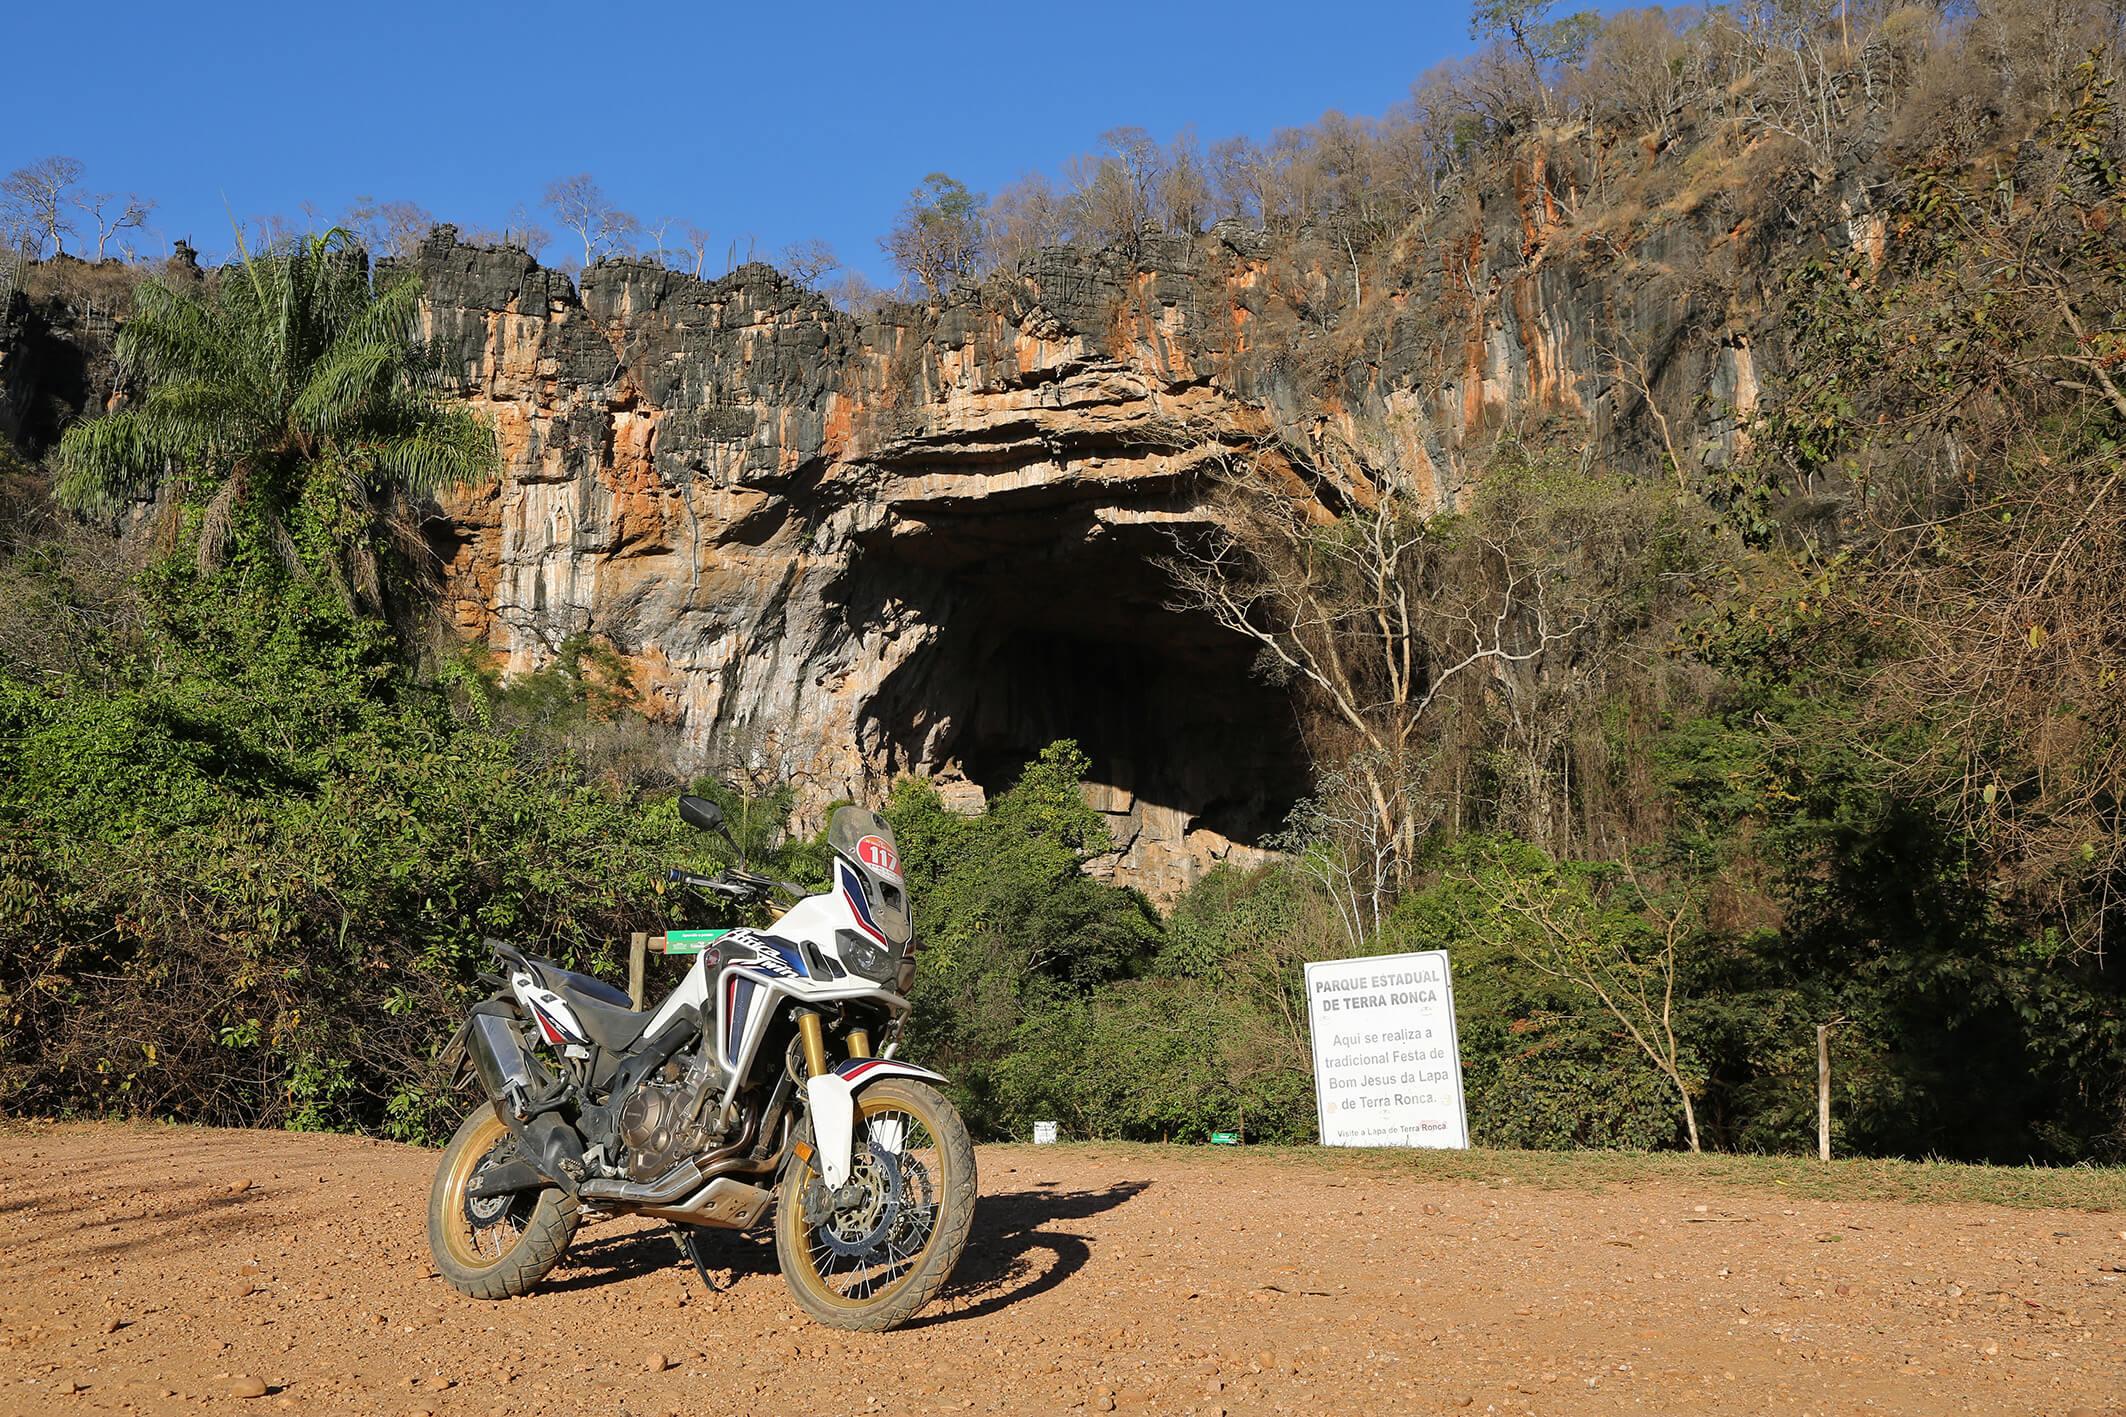 Honda Africa Twin em frente à caverna Terra Ronca, no parque de mesmo nome no Estado de Goiás